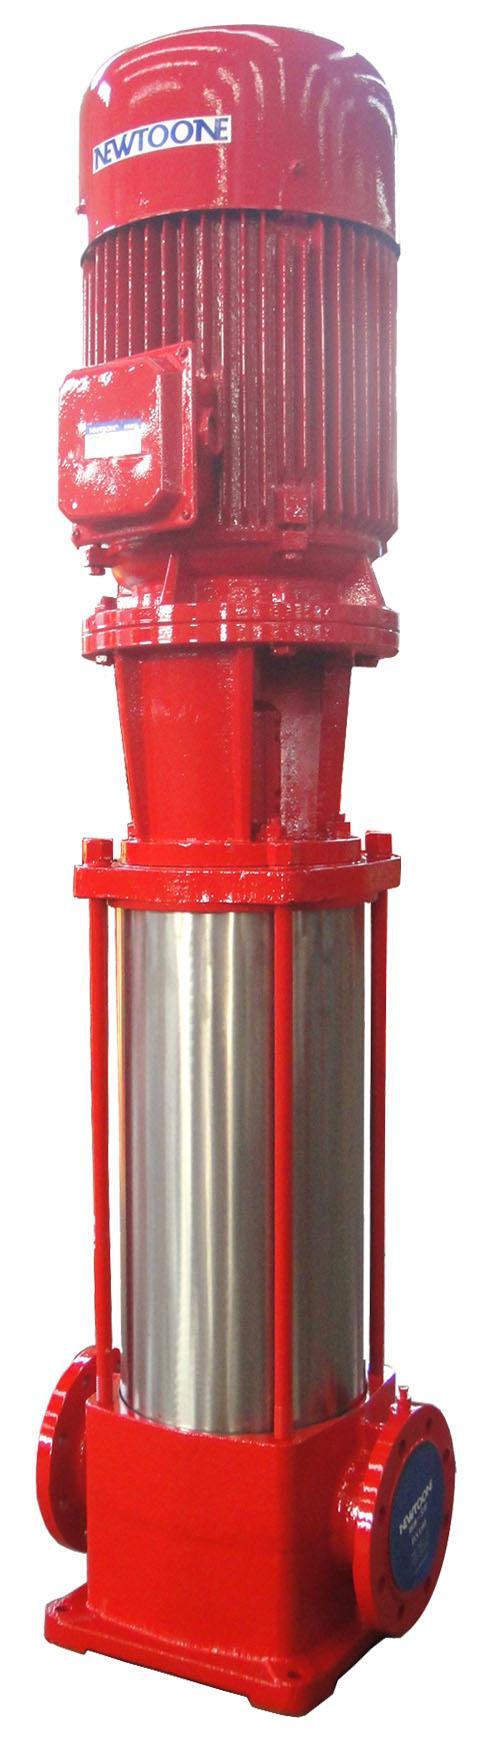 多级泵 gdl立式增压多级泵图片